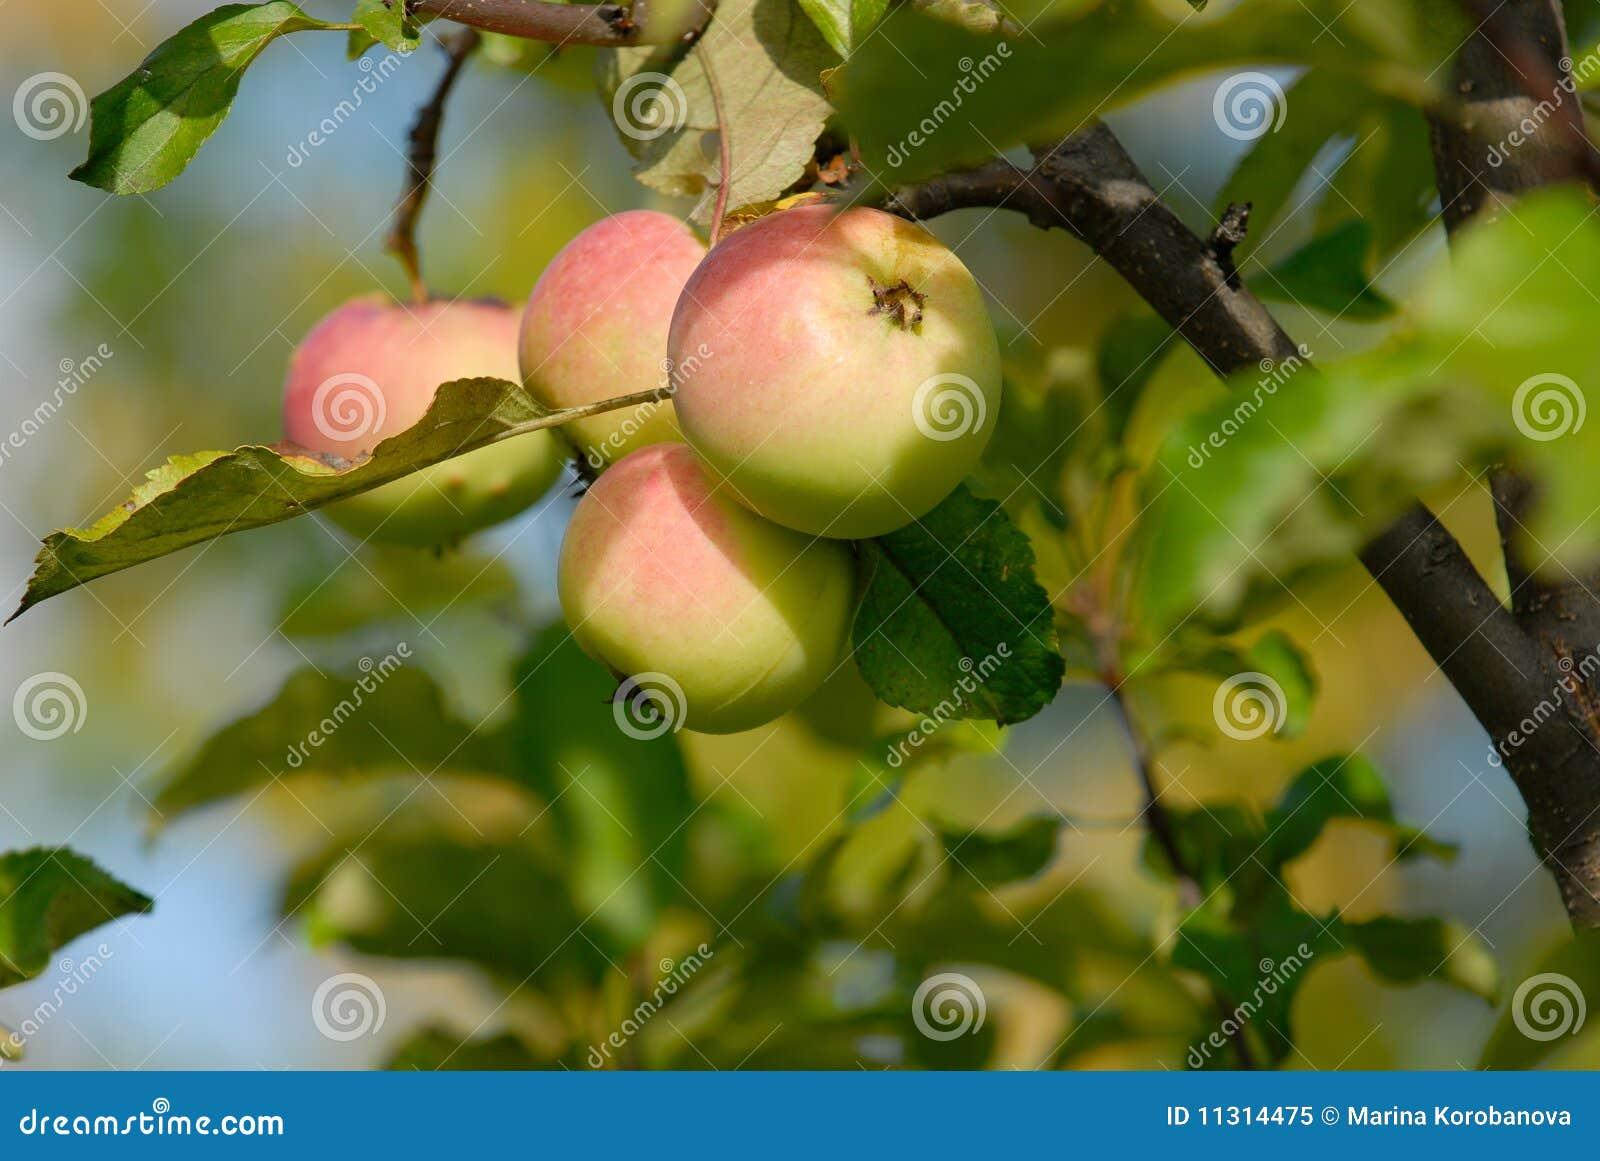 Äpfel auf Zweig